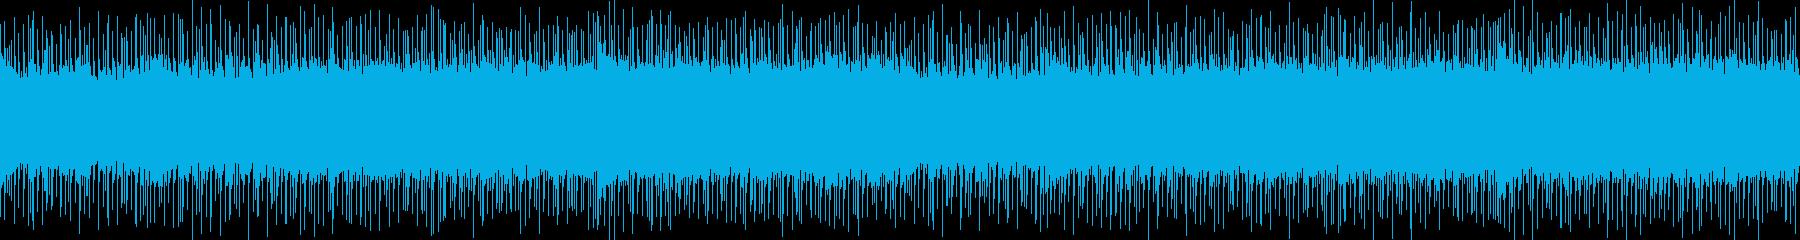 シンセとエレキギターの熱いロックサウンドの再生済みの波形